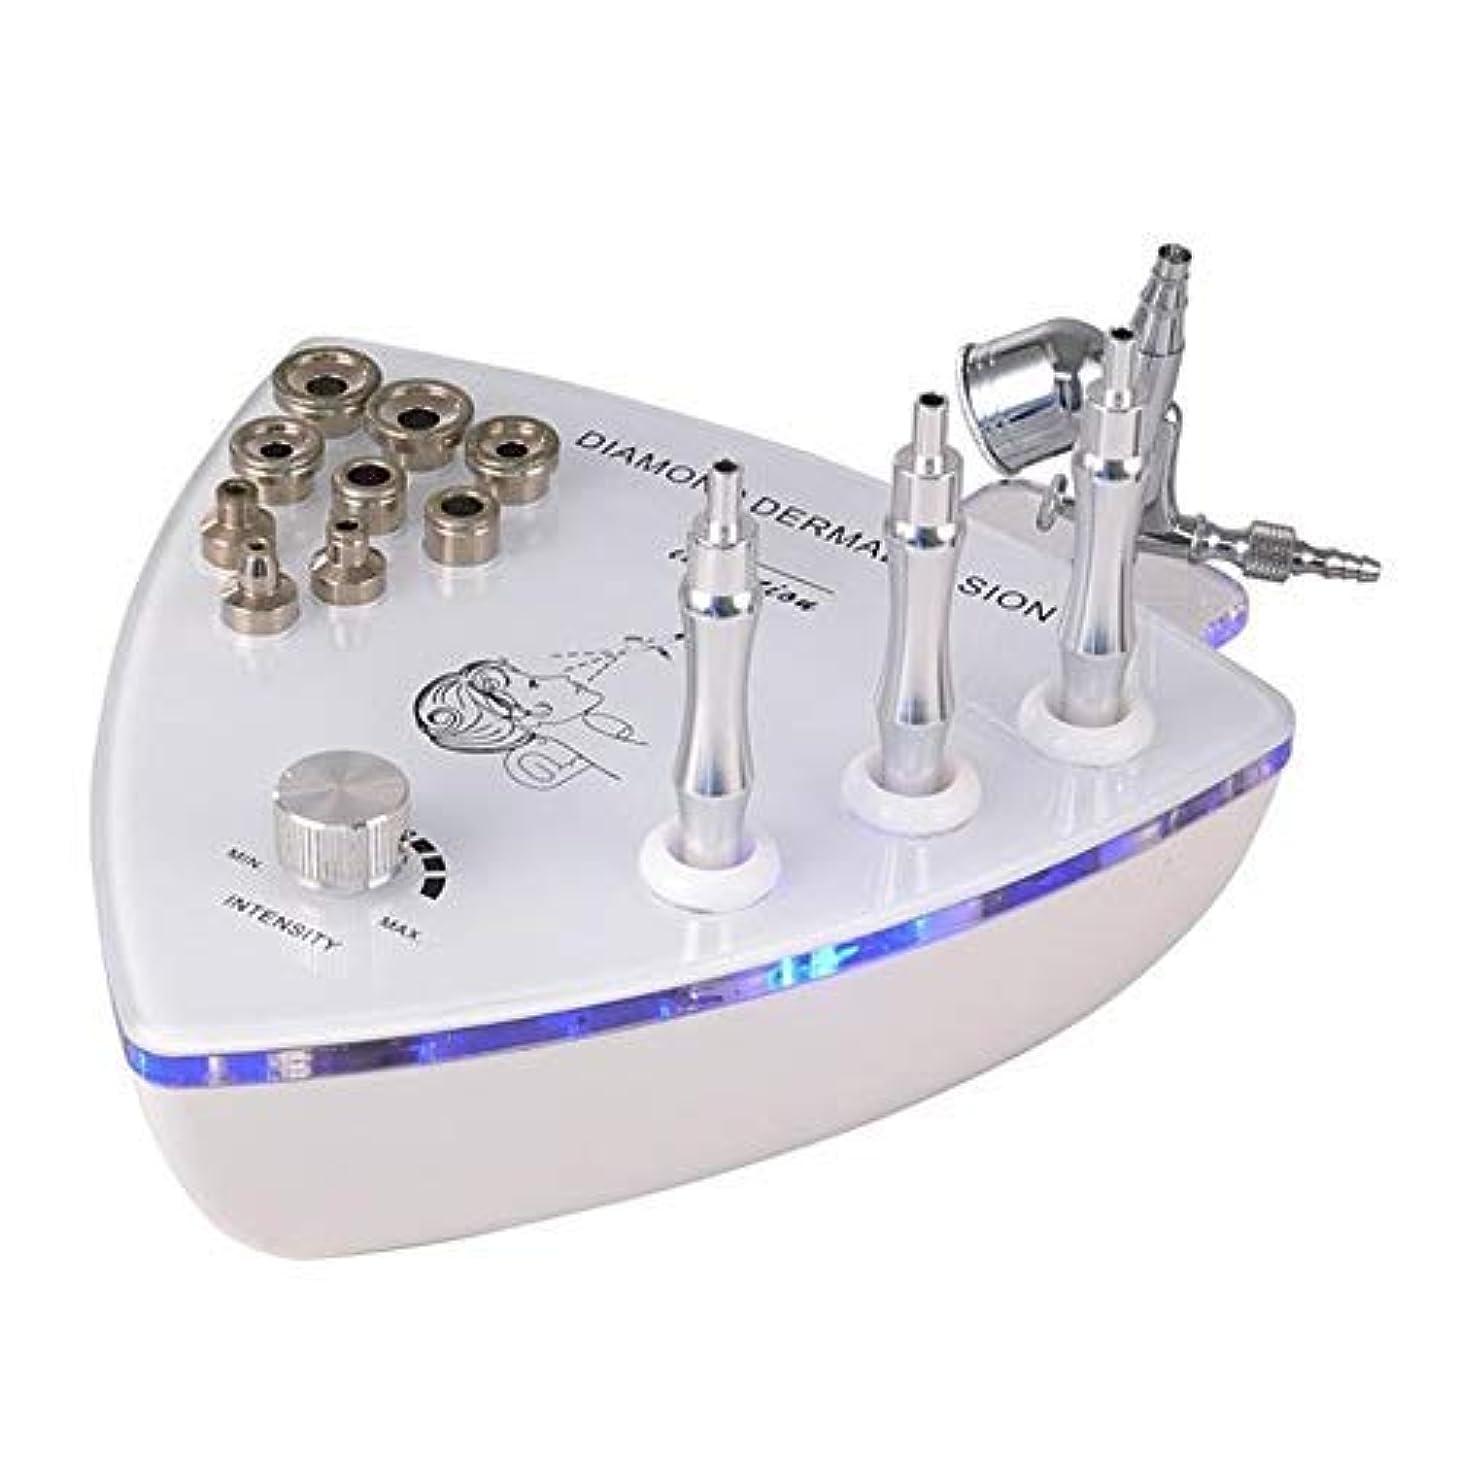 創造懺悔最大の美容機器、フェイシャルスキンケア機器、マイクロダーマブレーションマシン、マイクロダーマブレーションおむつダイヤモンドマイクロ彫刻美容機器、角質除去、角質除去、肌の若返り